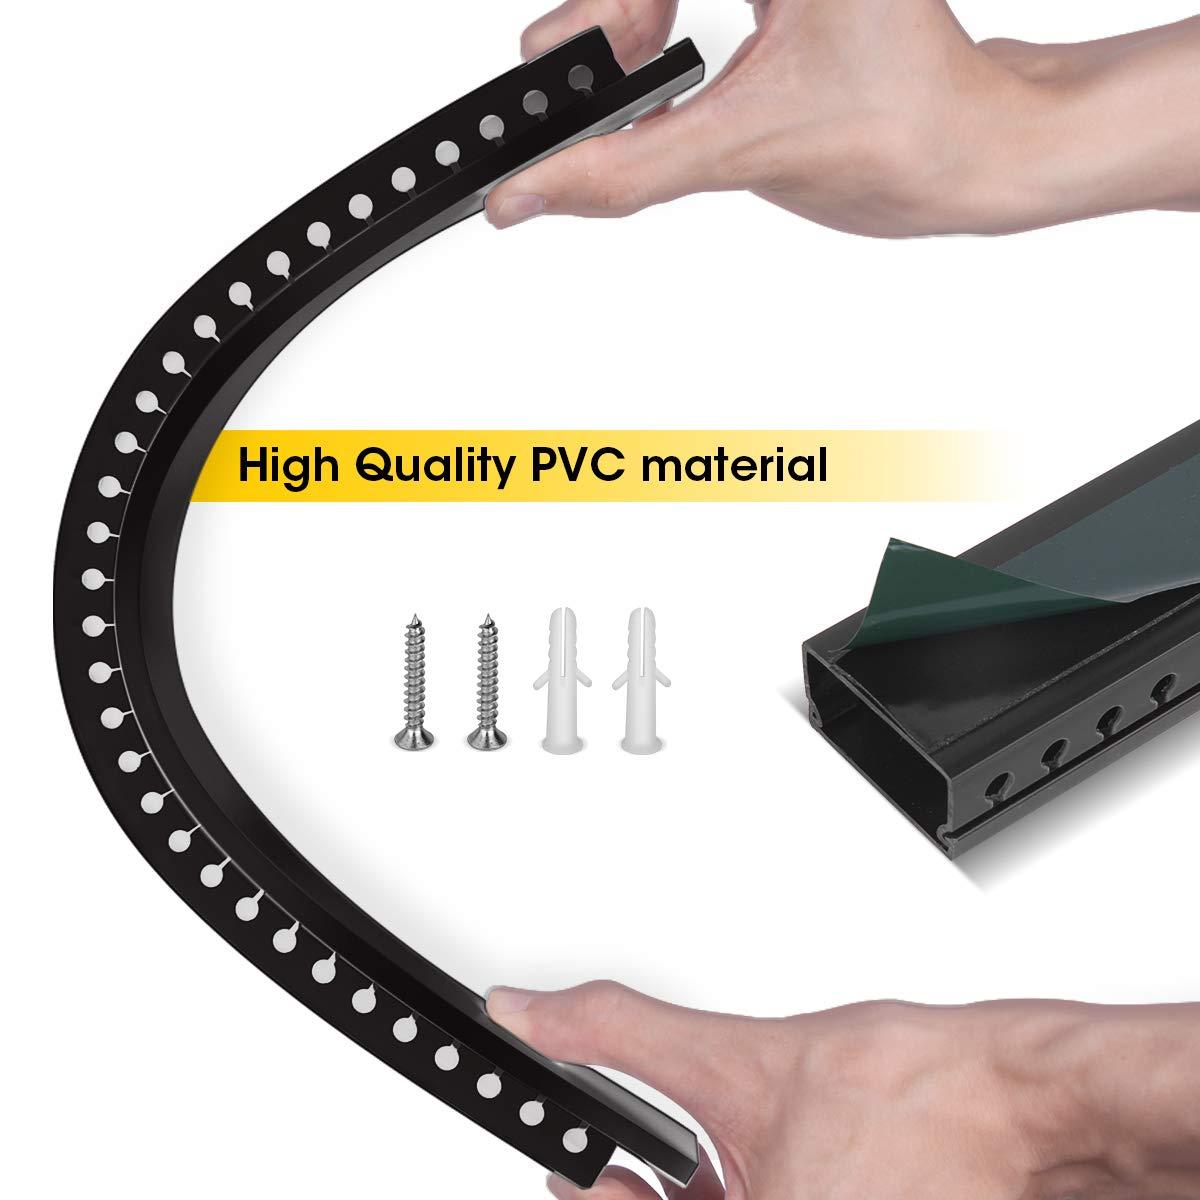 Stageek Kabelkanal selbstklebend 39x4x2cm PVC 3.5 M L/änge TV Kabelkanal Installationskanal Wand und Decken Montage allzweck f/ür aller Art von Kabel innen Haus B/üro Schwarz 9x39cm Kabelkanal